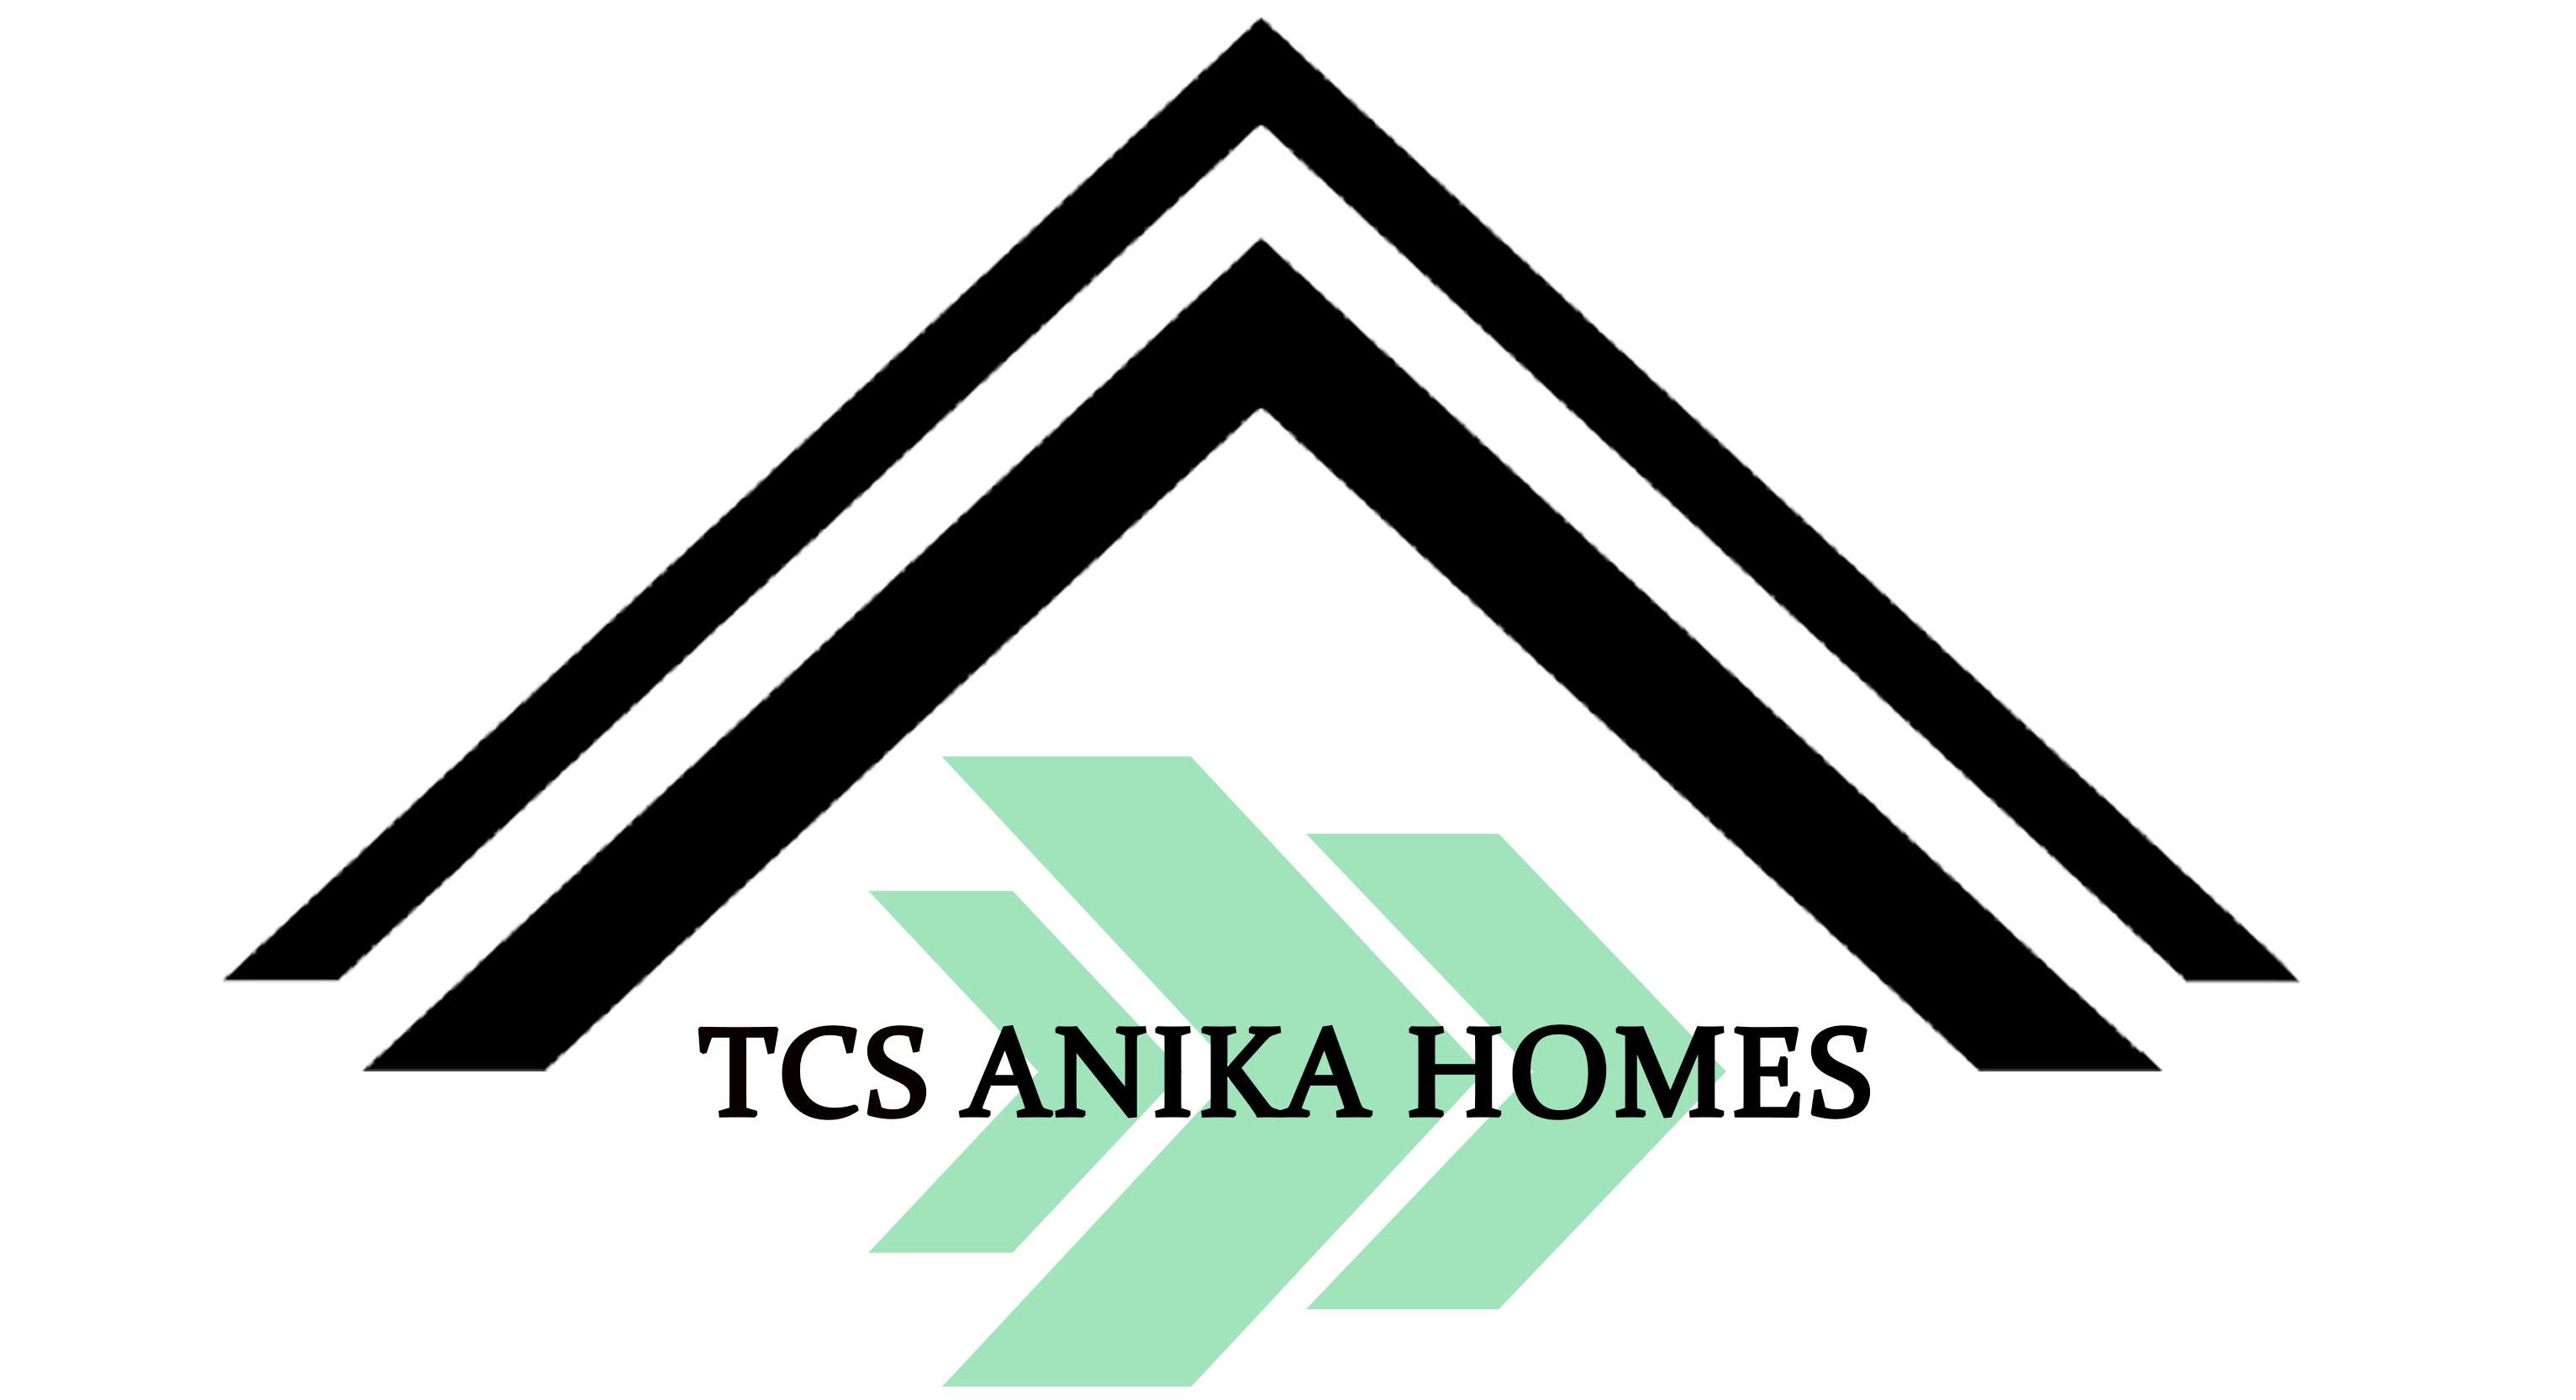 TCS Anika Homes